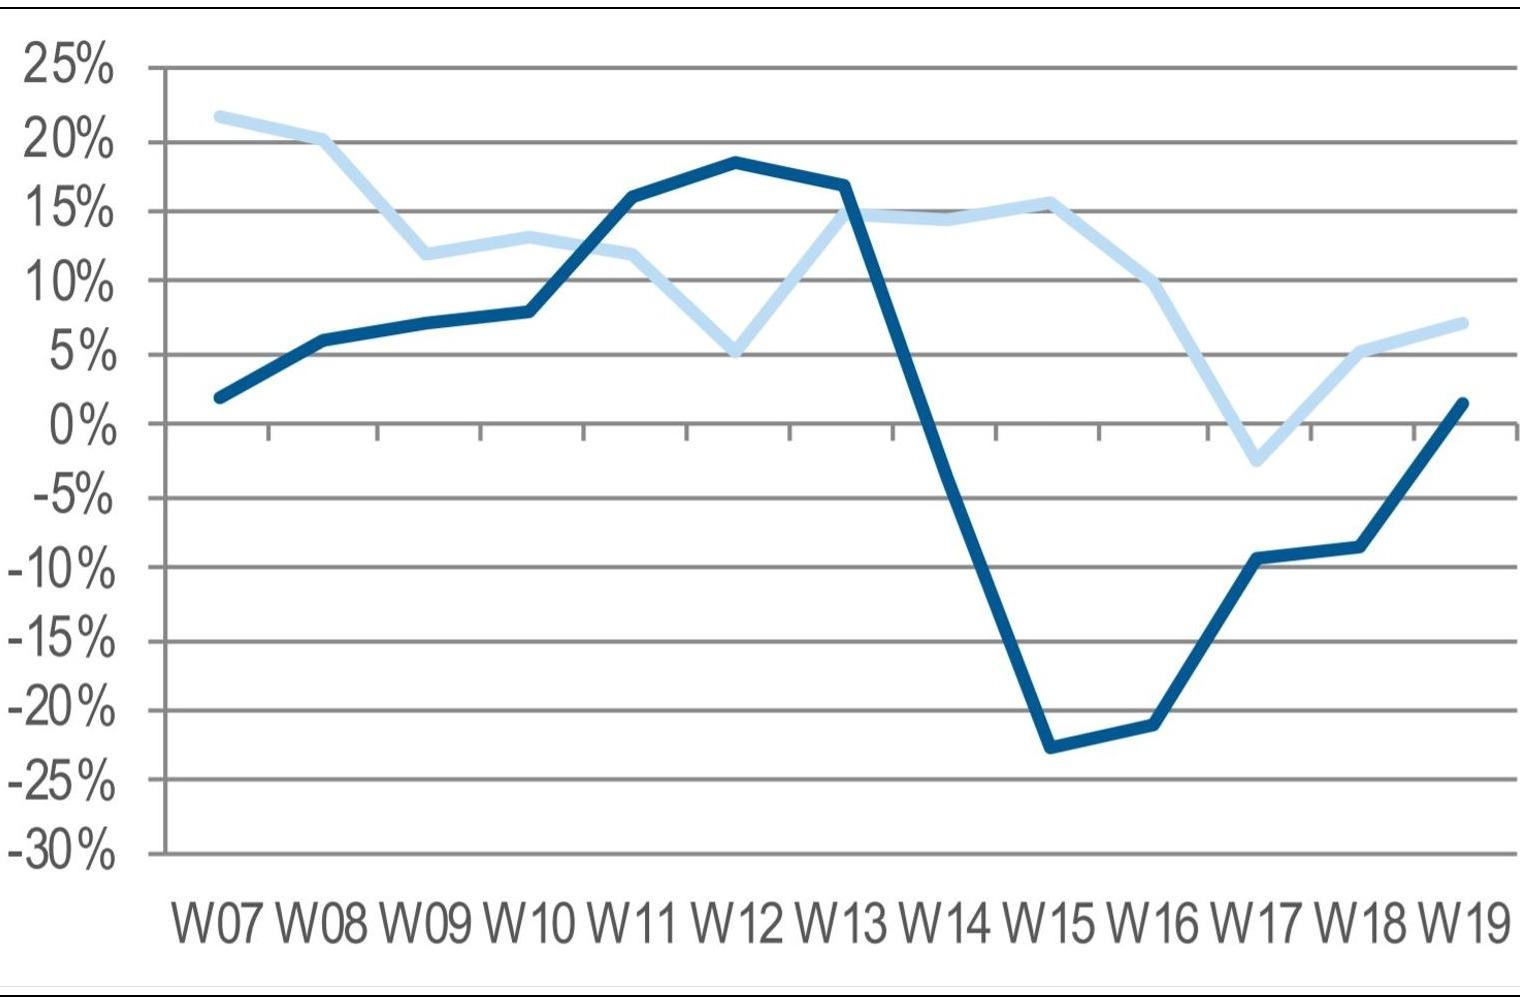 Fuente: Context (ventas del canal mayorista por semanas. En azul oscuro la evolución de este año).